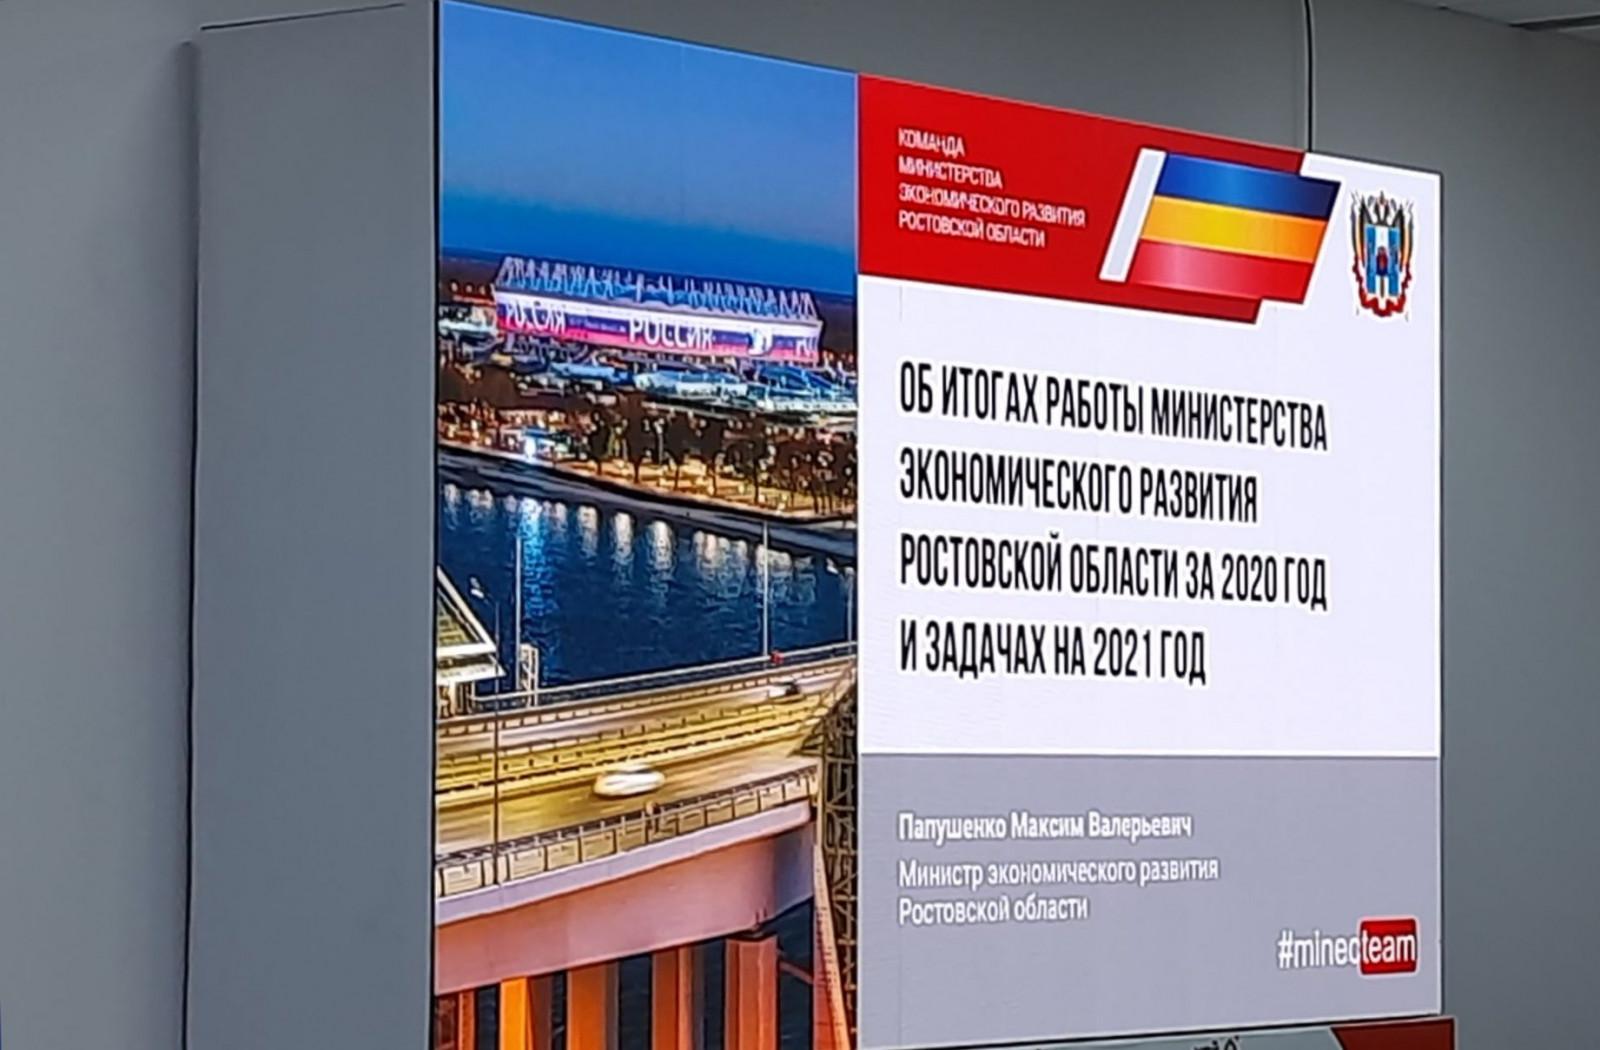 Минэконом развития области в 2020 году достигнуты все целевые показатели региональных проектов